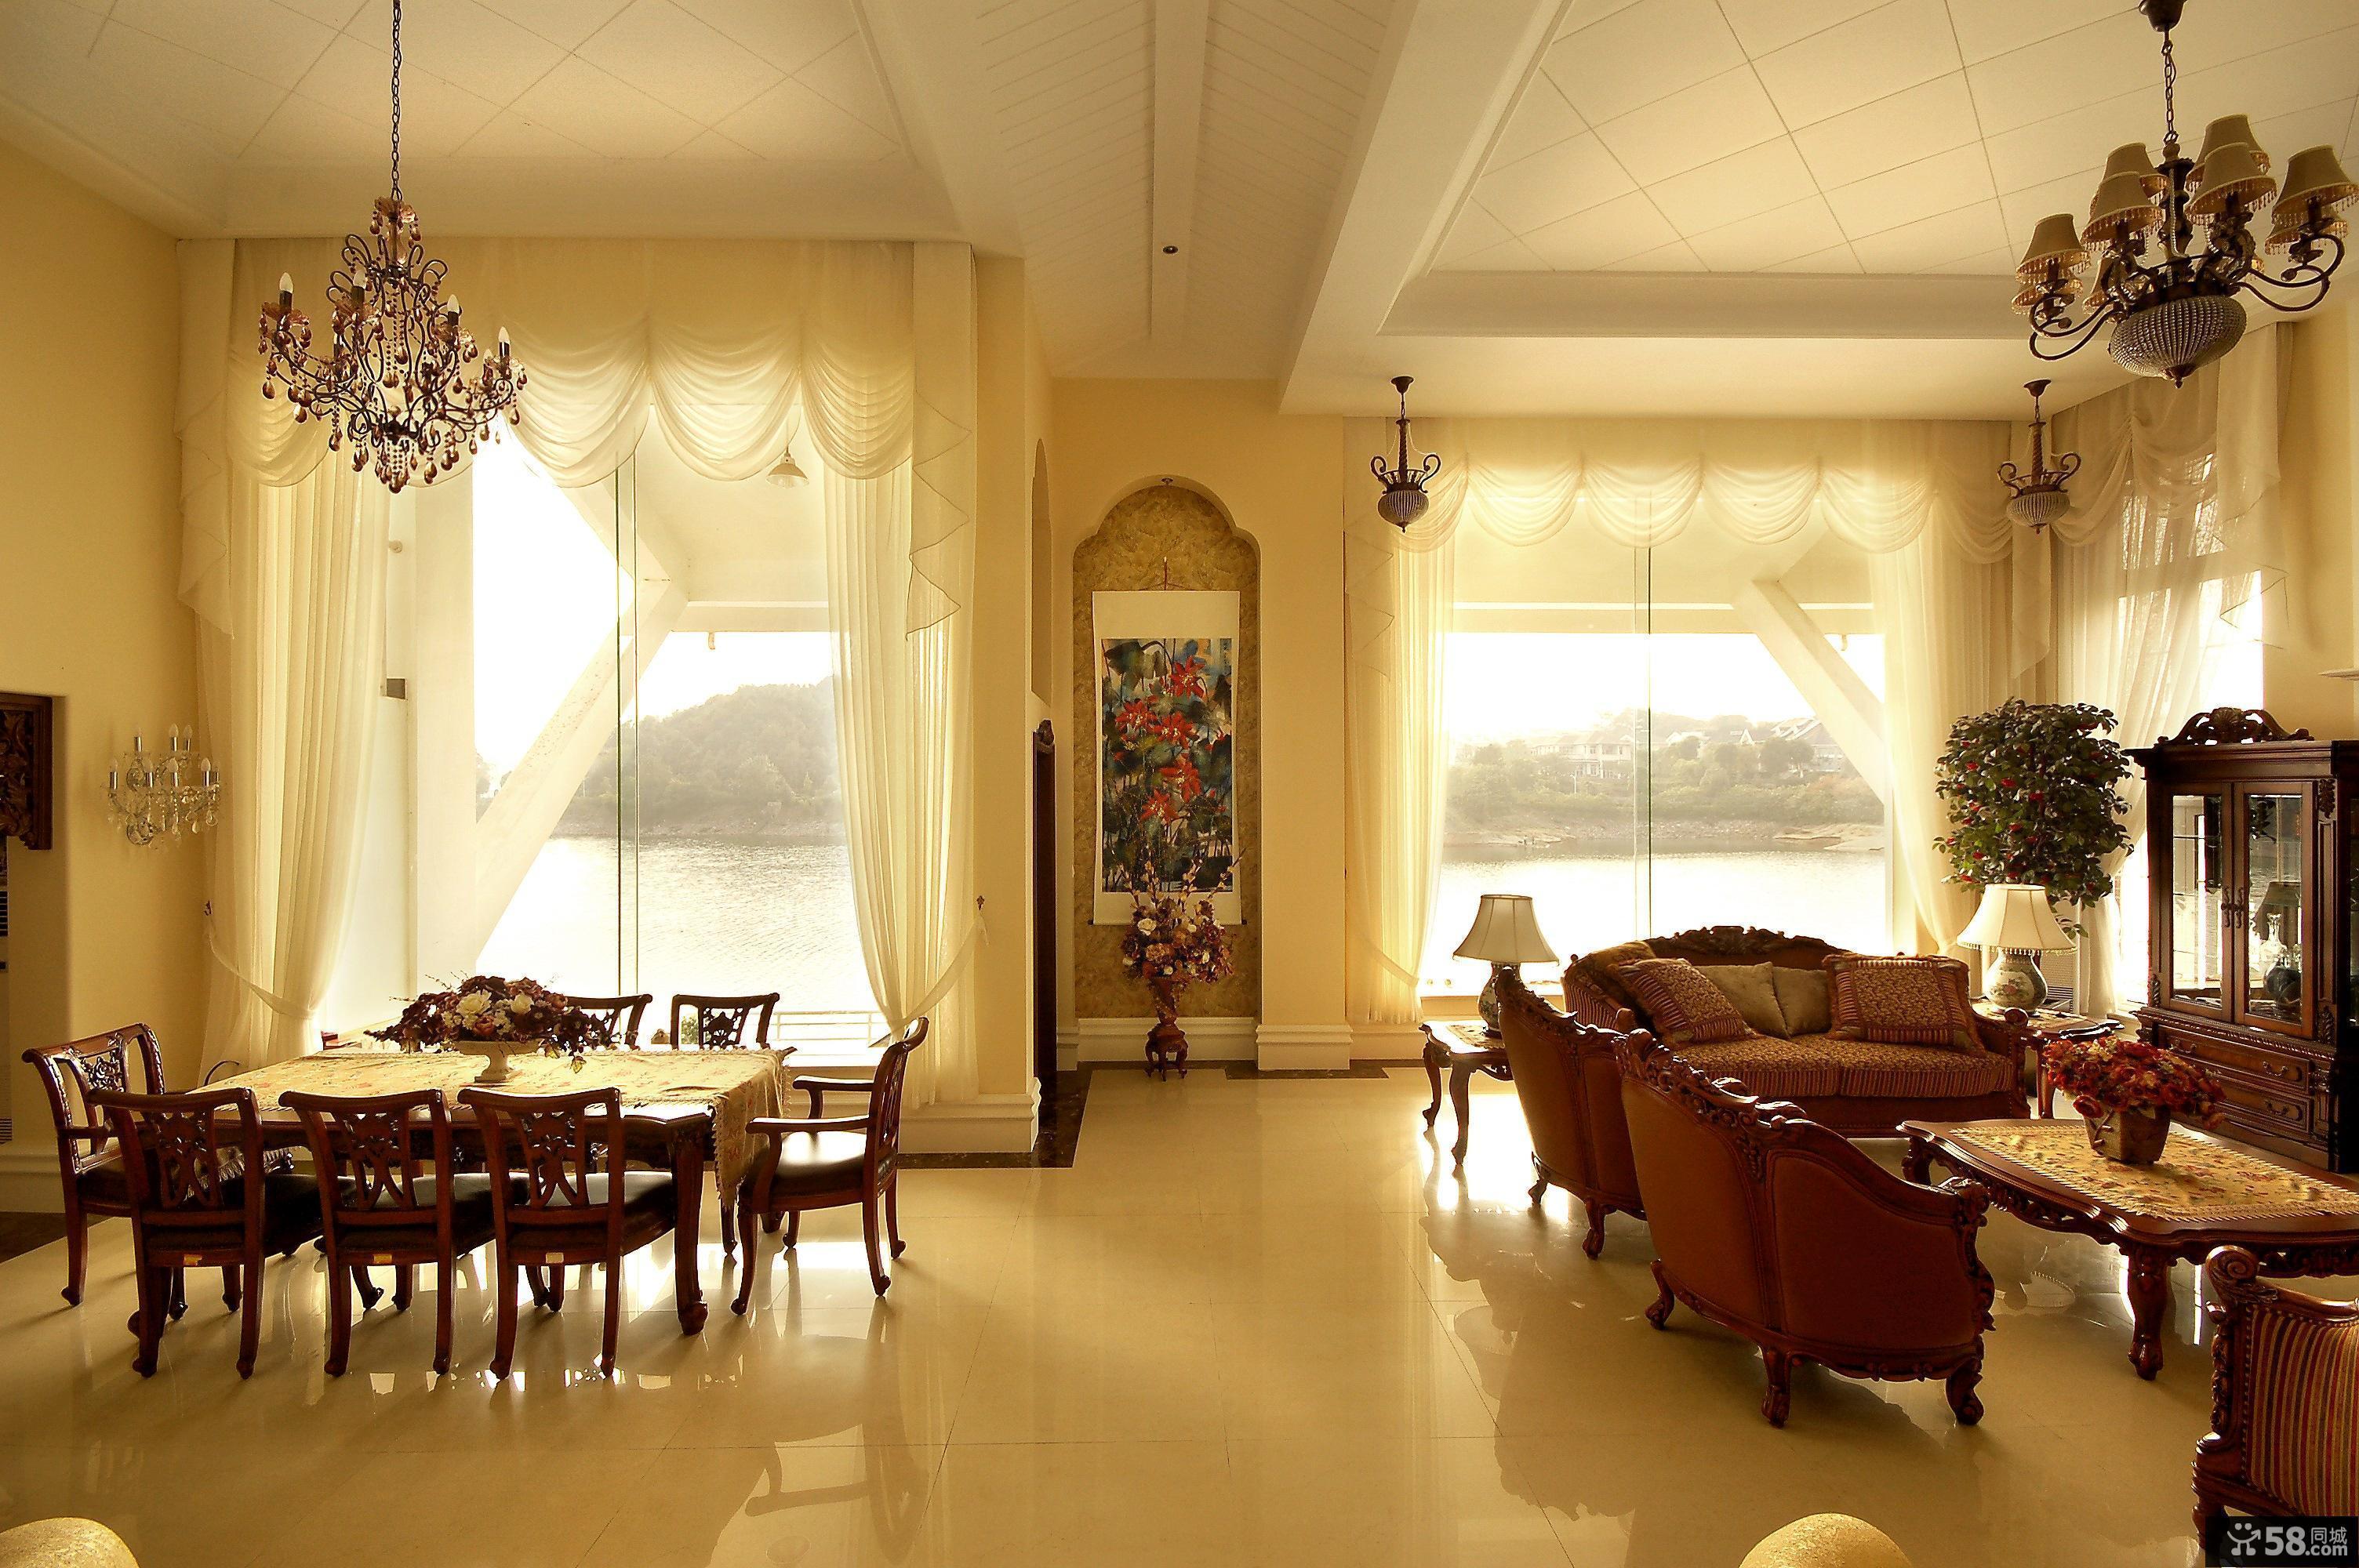 欧式风格别墅客厅餐厅装修图片图片